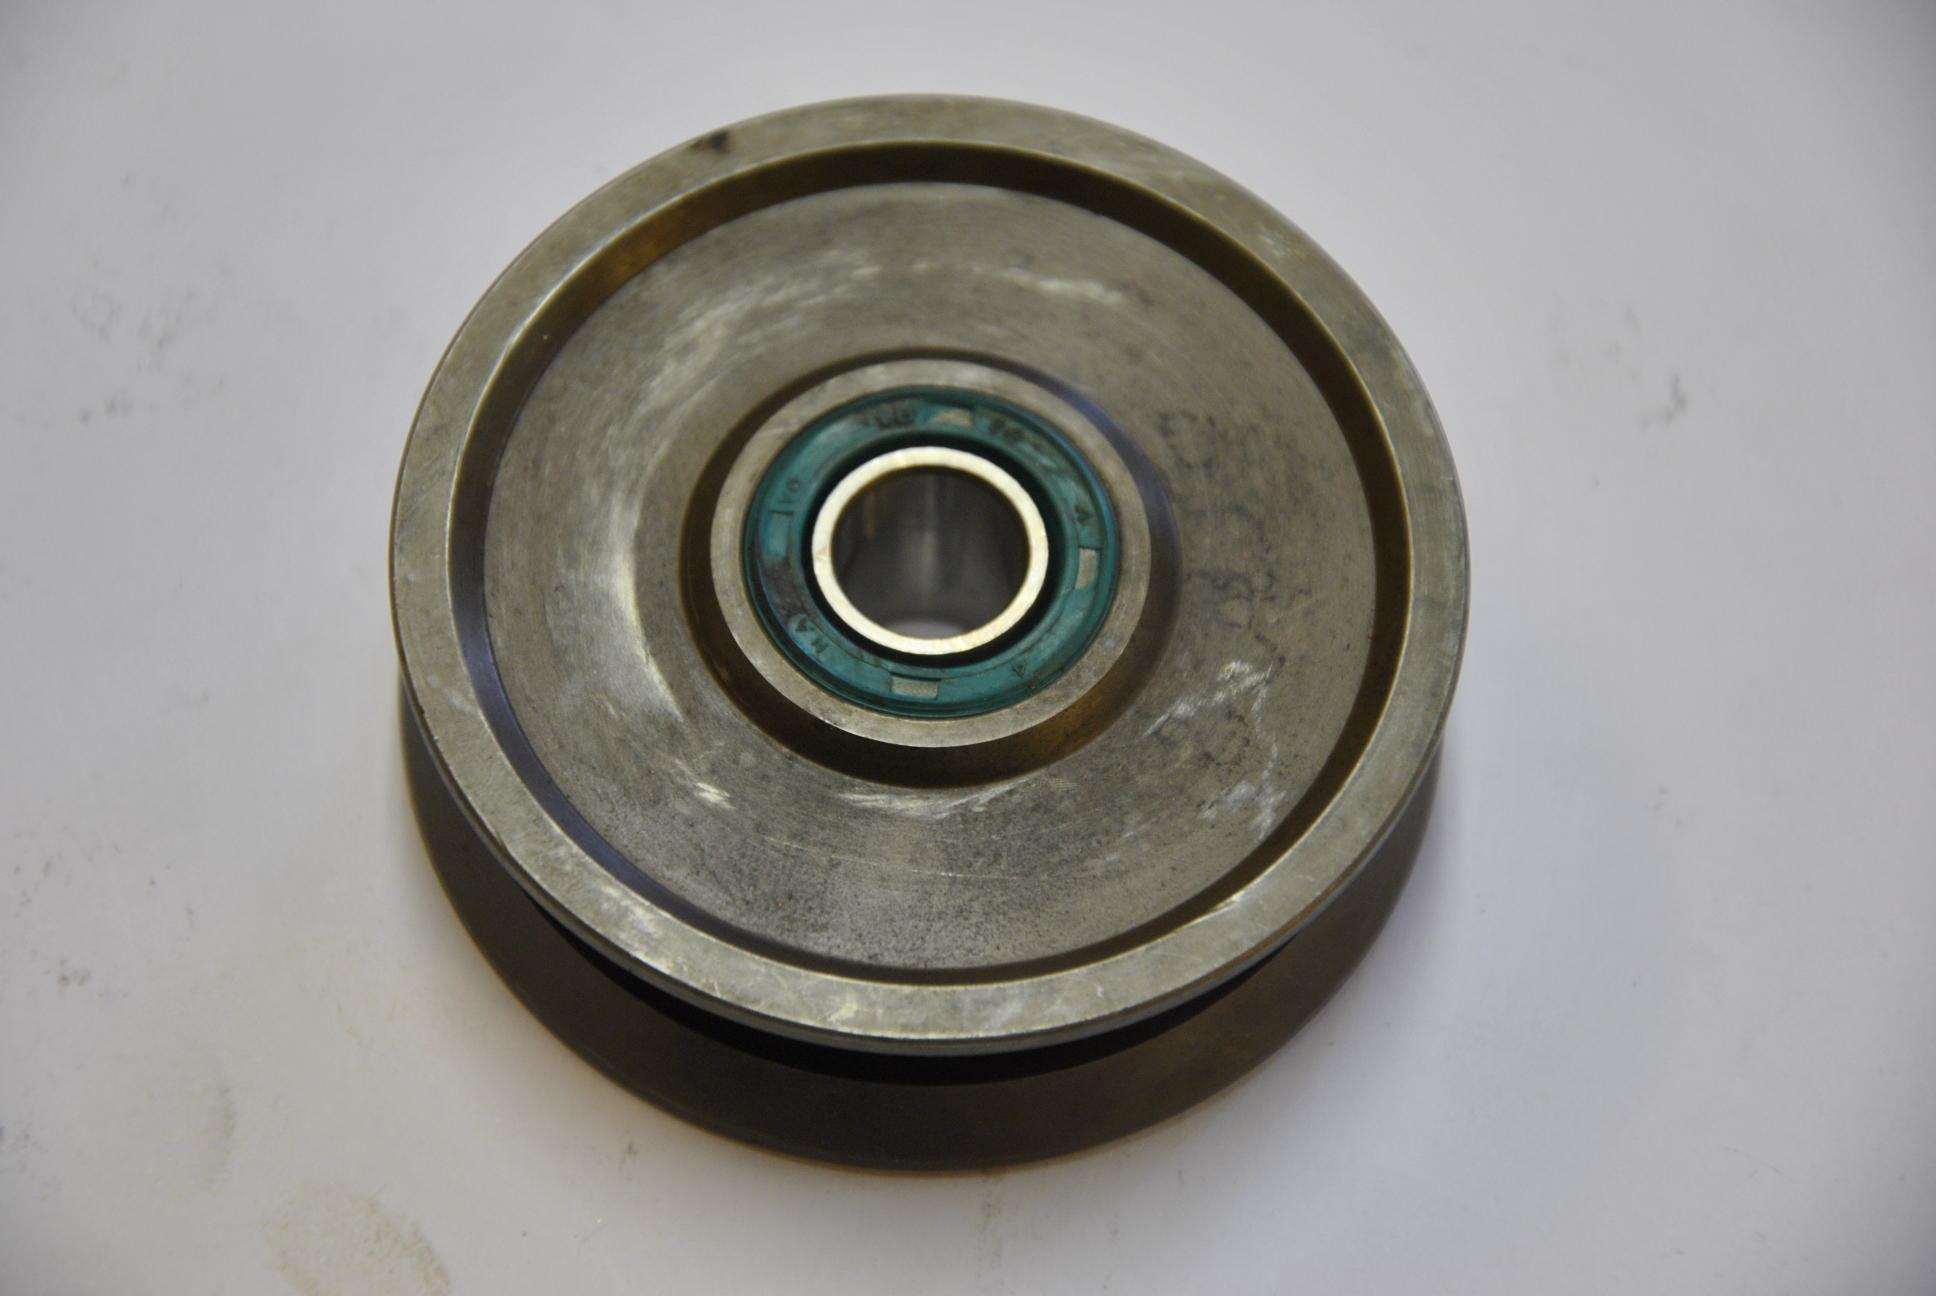 Ролик для наконечника иглы в комплекте, 5 шт./комп.